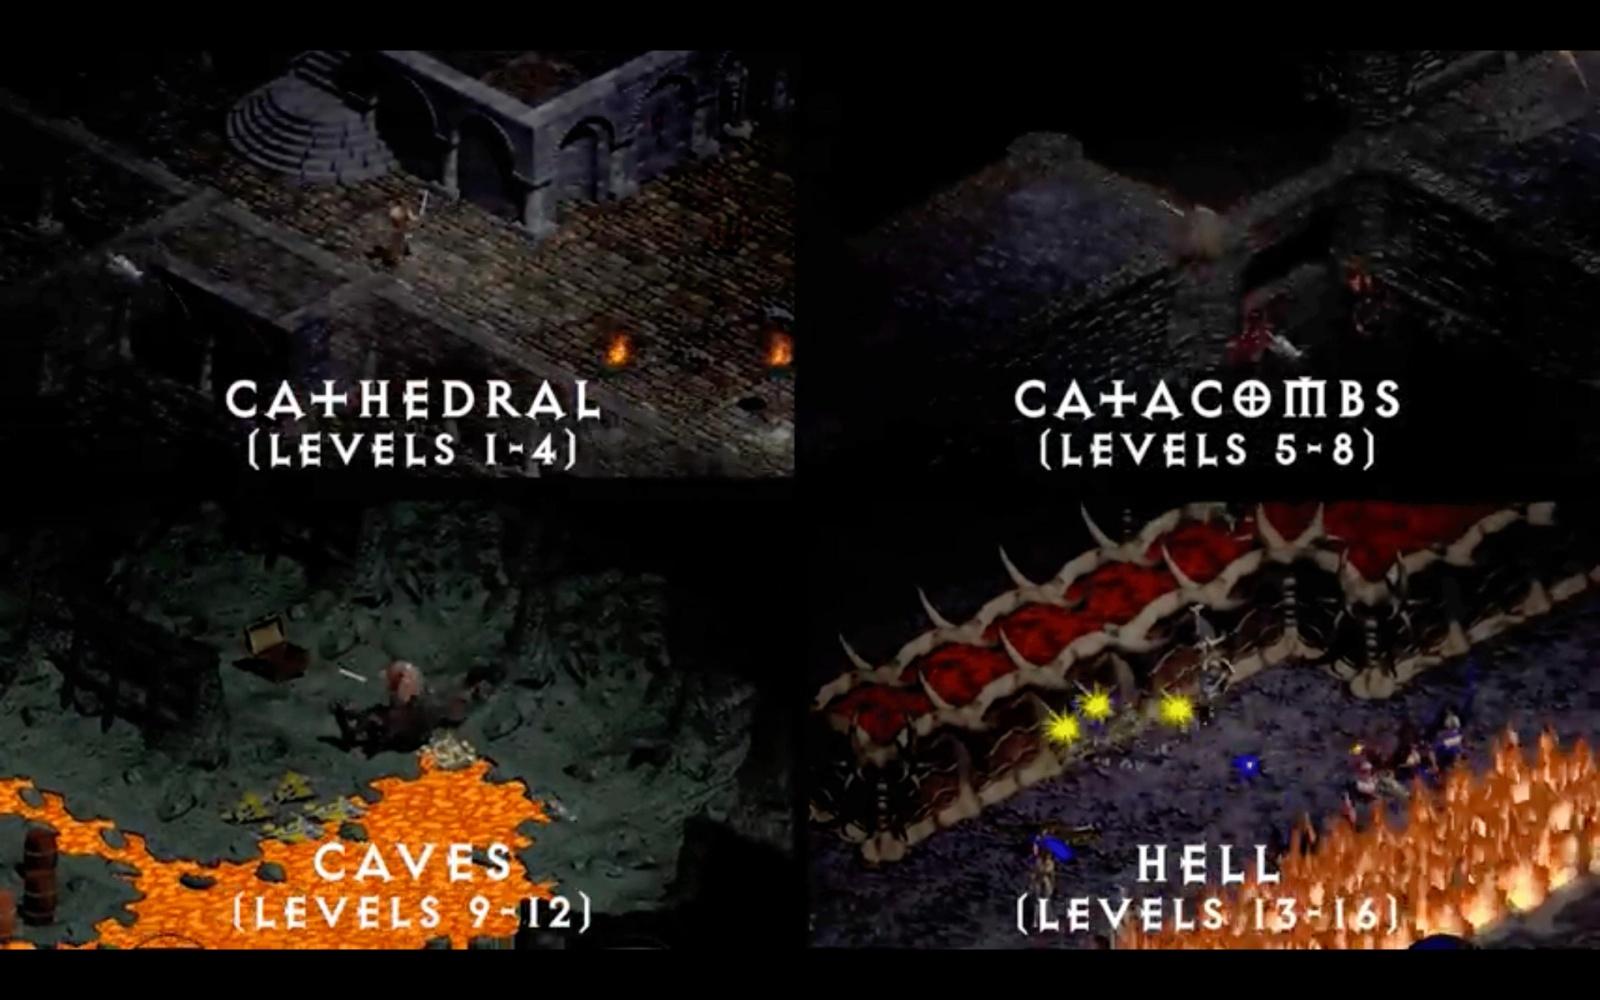 Как всего одна игровая механика навсегда изменила Diablo - 4